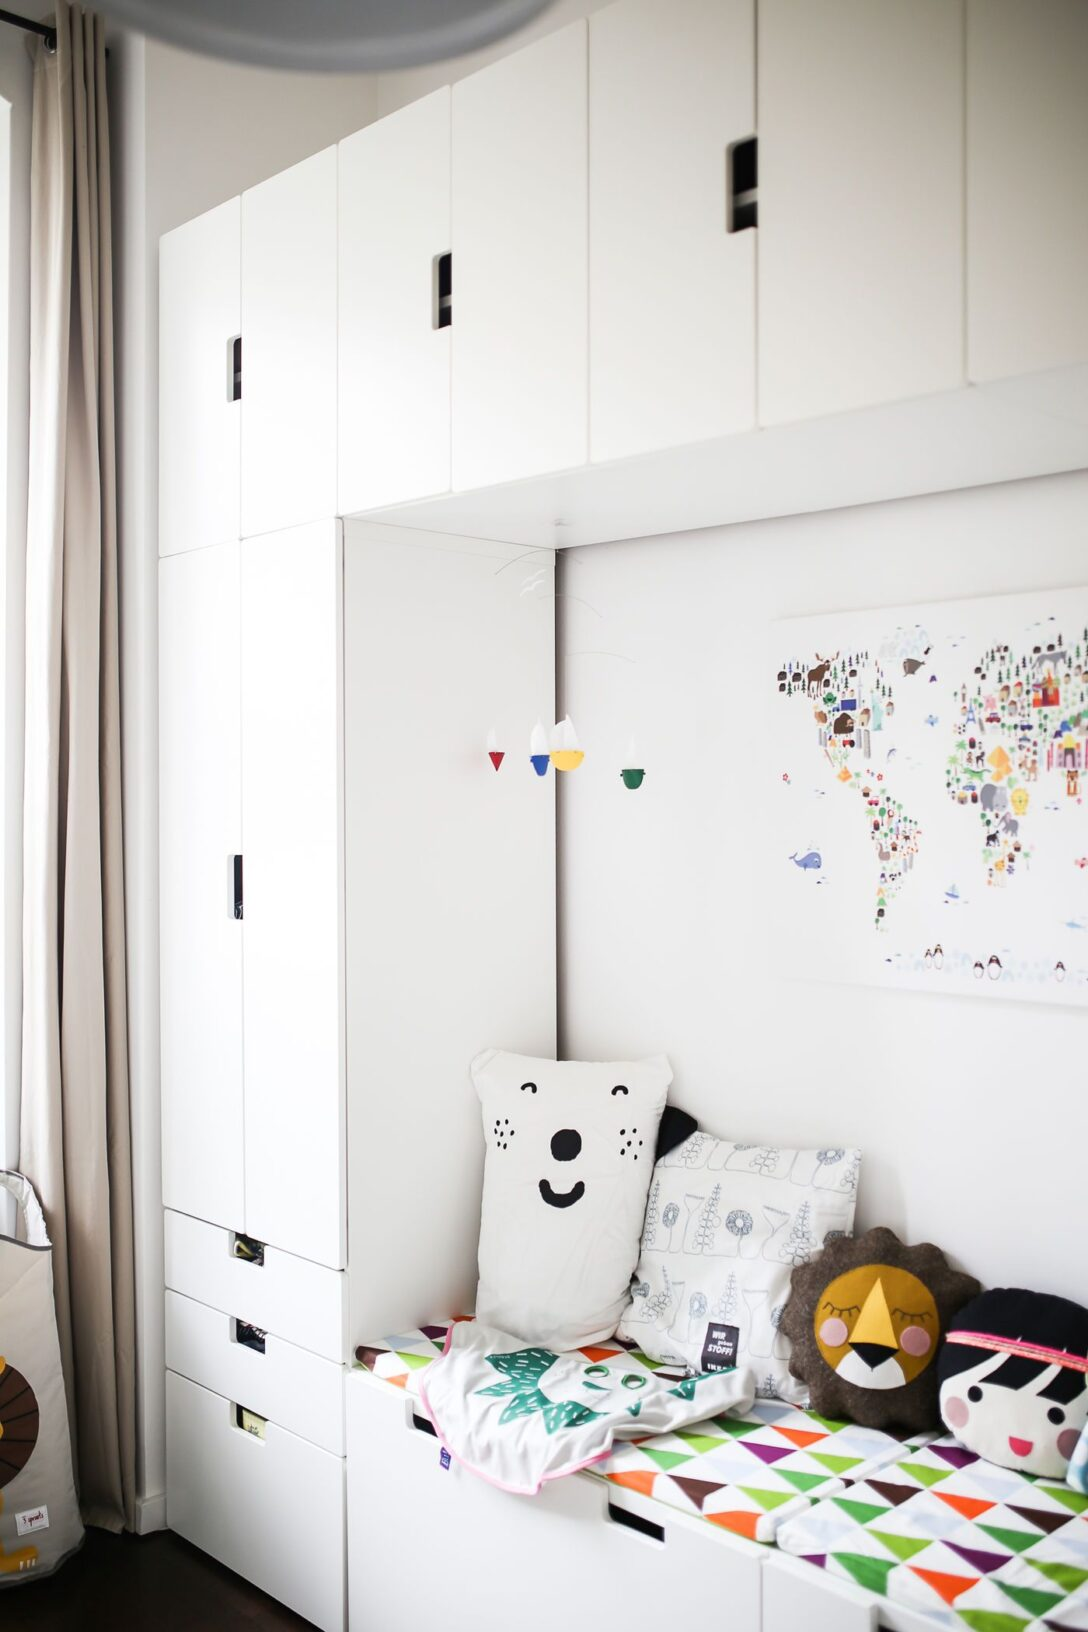 Large Size of Kinderzimmer Aufbewahrung Regal Aufbewahrungssystem Ikea Gebraucht Aufbewahrungskorb Grau Aufbewahrungssysteme Mint Spielzeug Ideen Gross Aufbewahrungsregal Fr Kinderzimmer Kinderzimmer Aufbewahrung